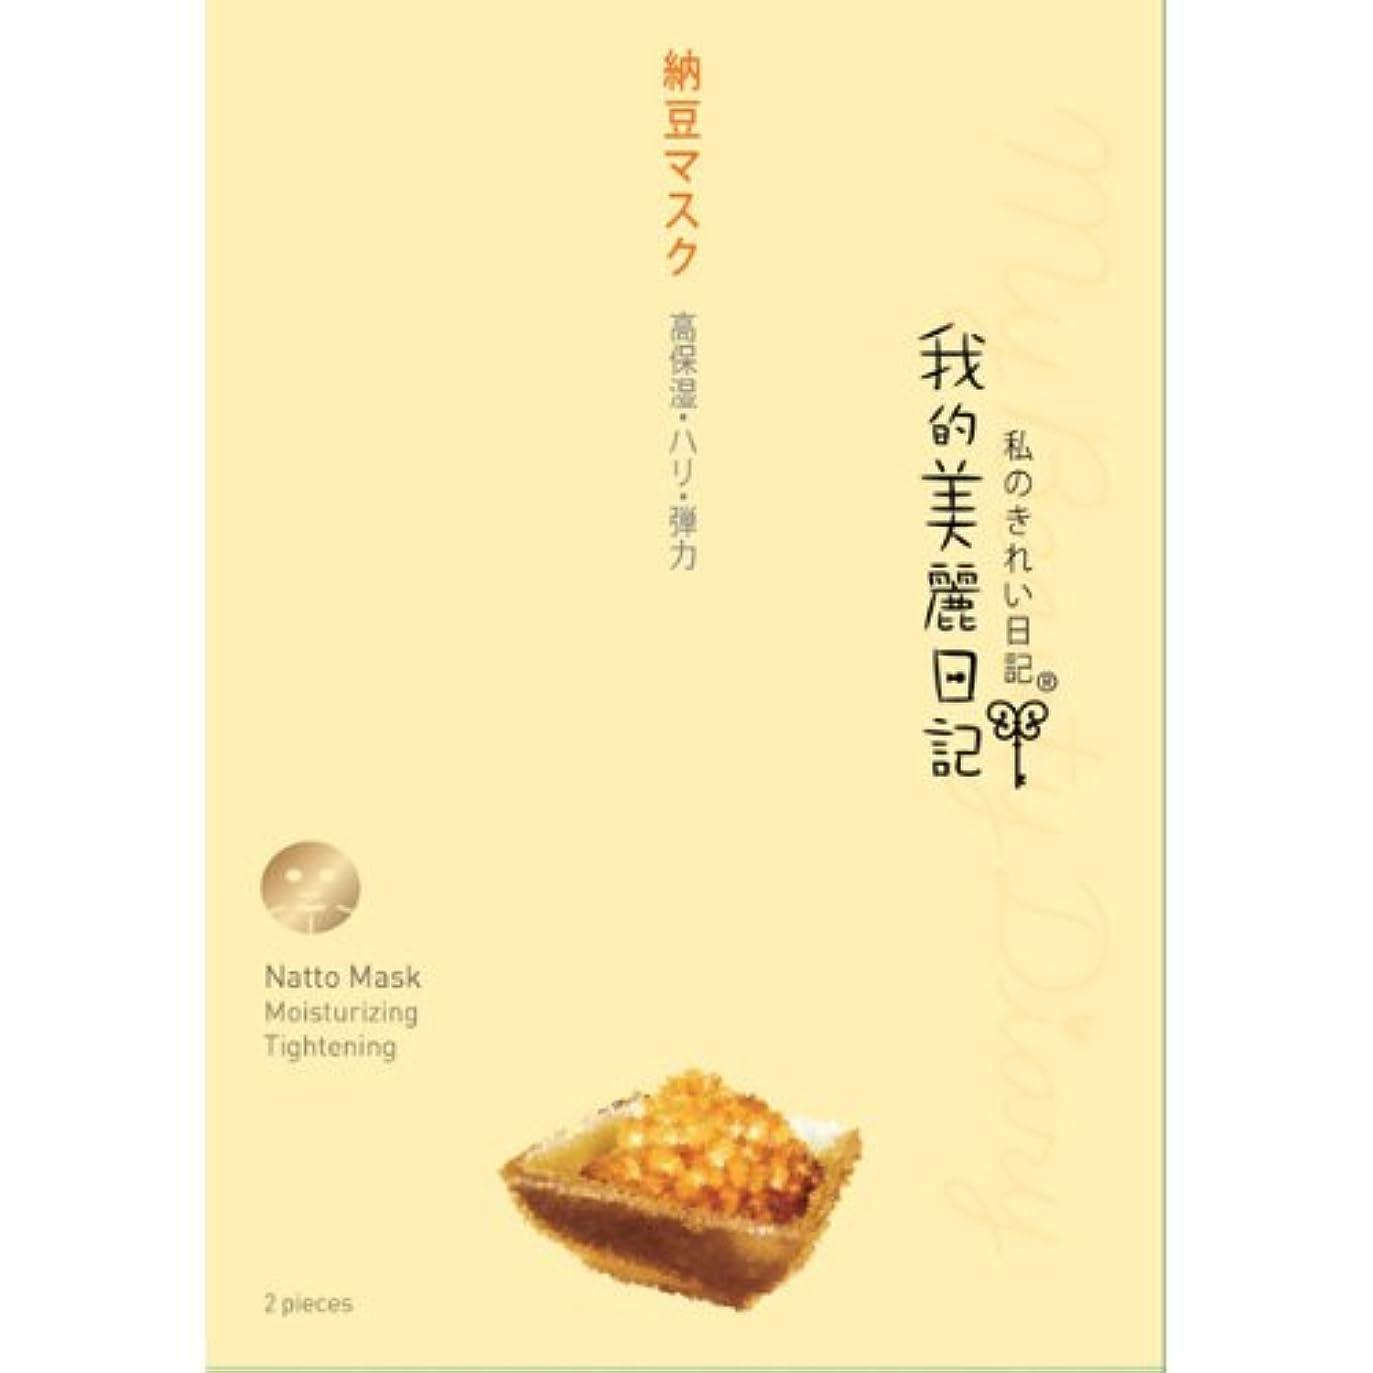 潜む機会ミキサー我的美麗日記 私のきれい日記 納豆マスク 23ml×2枚